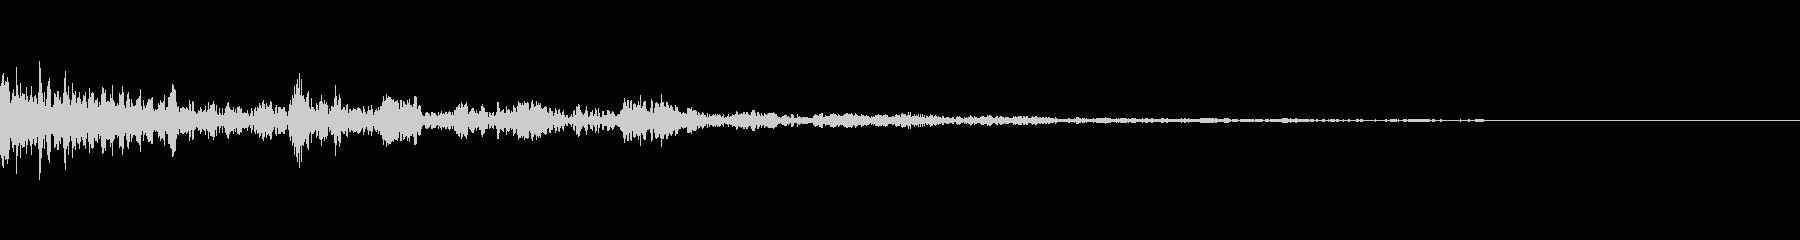 エネルギー銃を発射する音(バシュゴロ)の未再生の波形